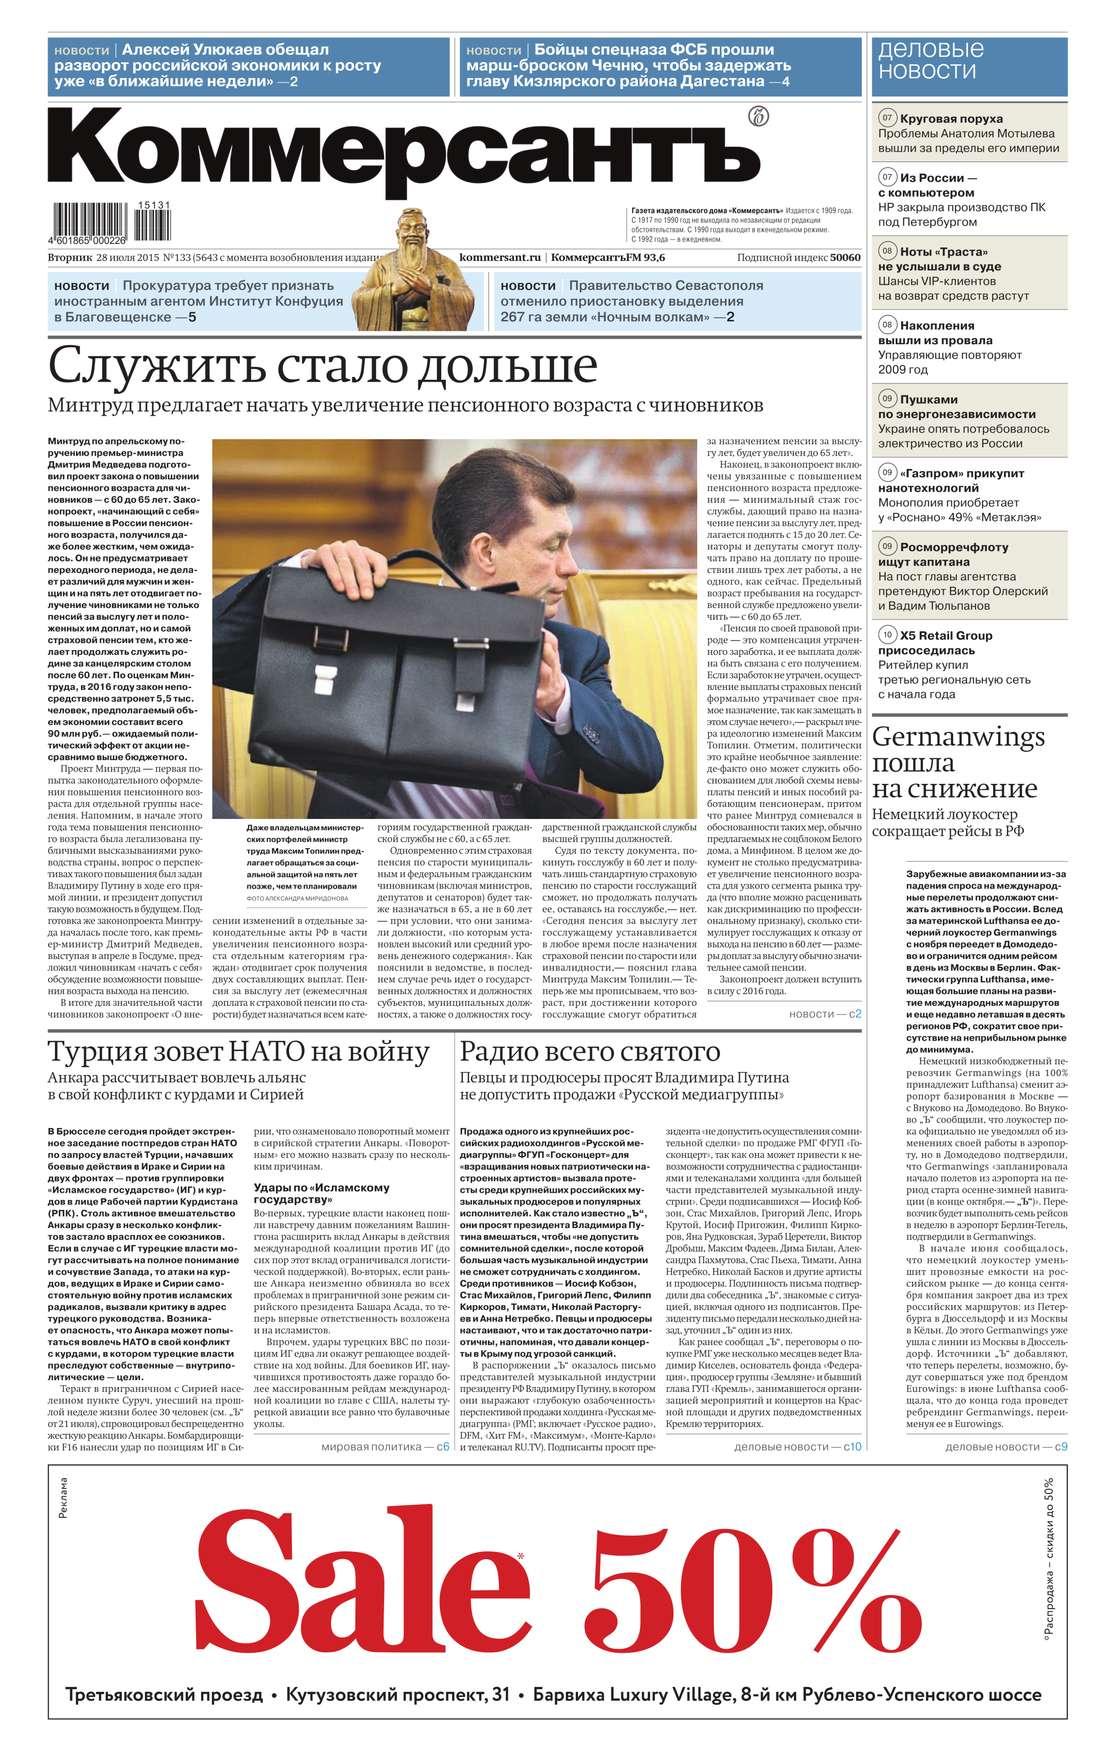 цены Редакция газеты Коммерсантъ (понедельник-пятница) Коммерсантъ (понедельник-пятница) 133-2015